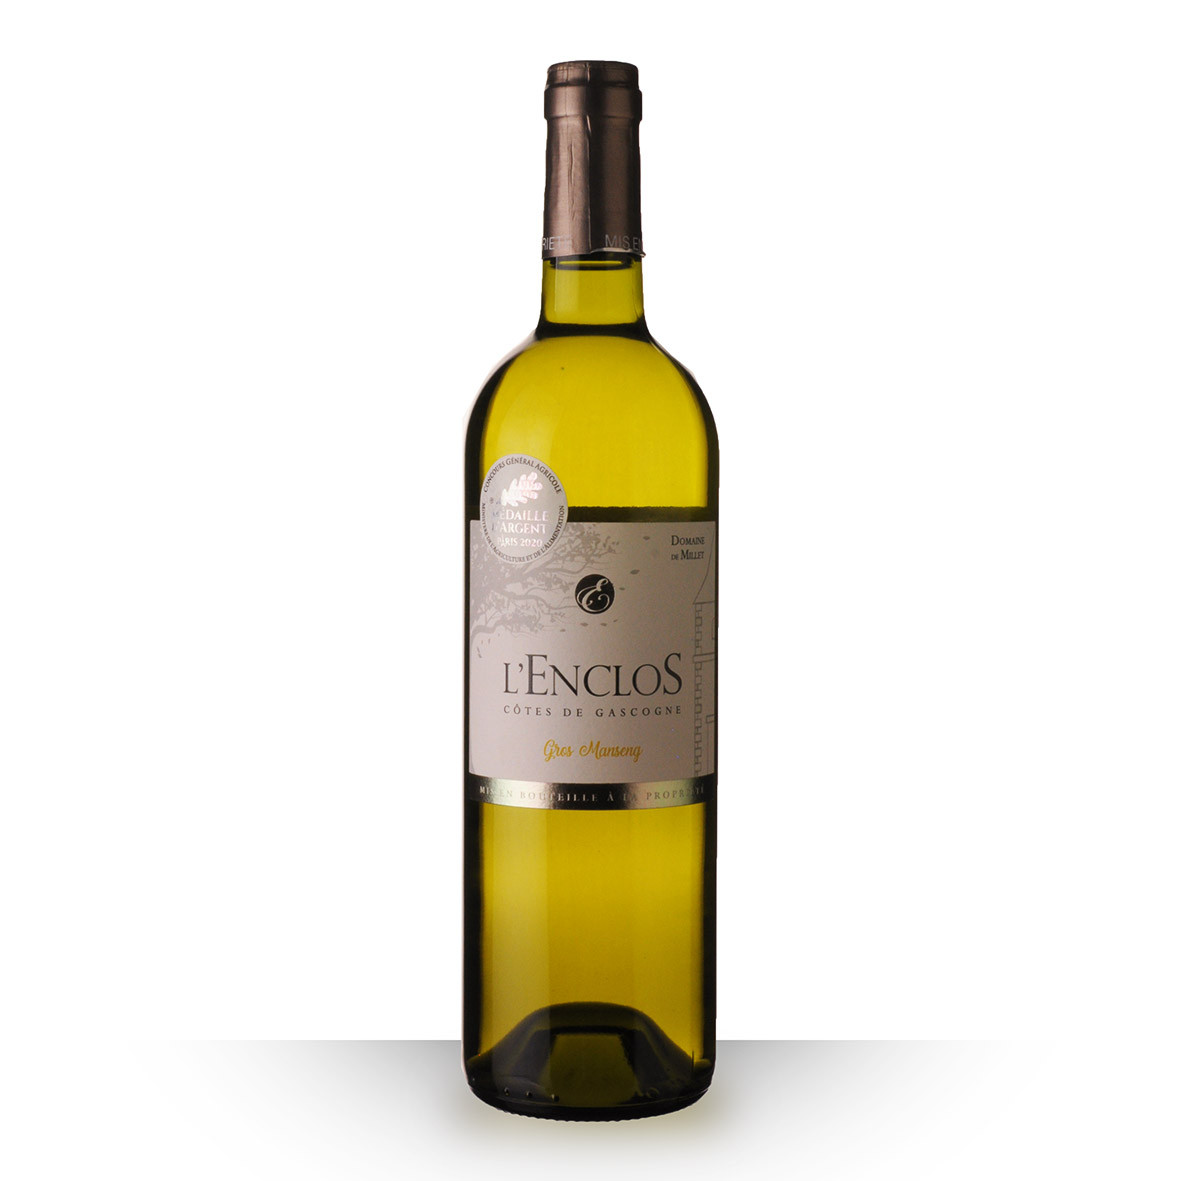 Domaine de Millet lEnclos Gros Manseng Côtes de Gascogne Blanc 2019 75cl www.odyssee-vins.com